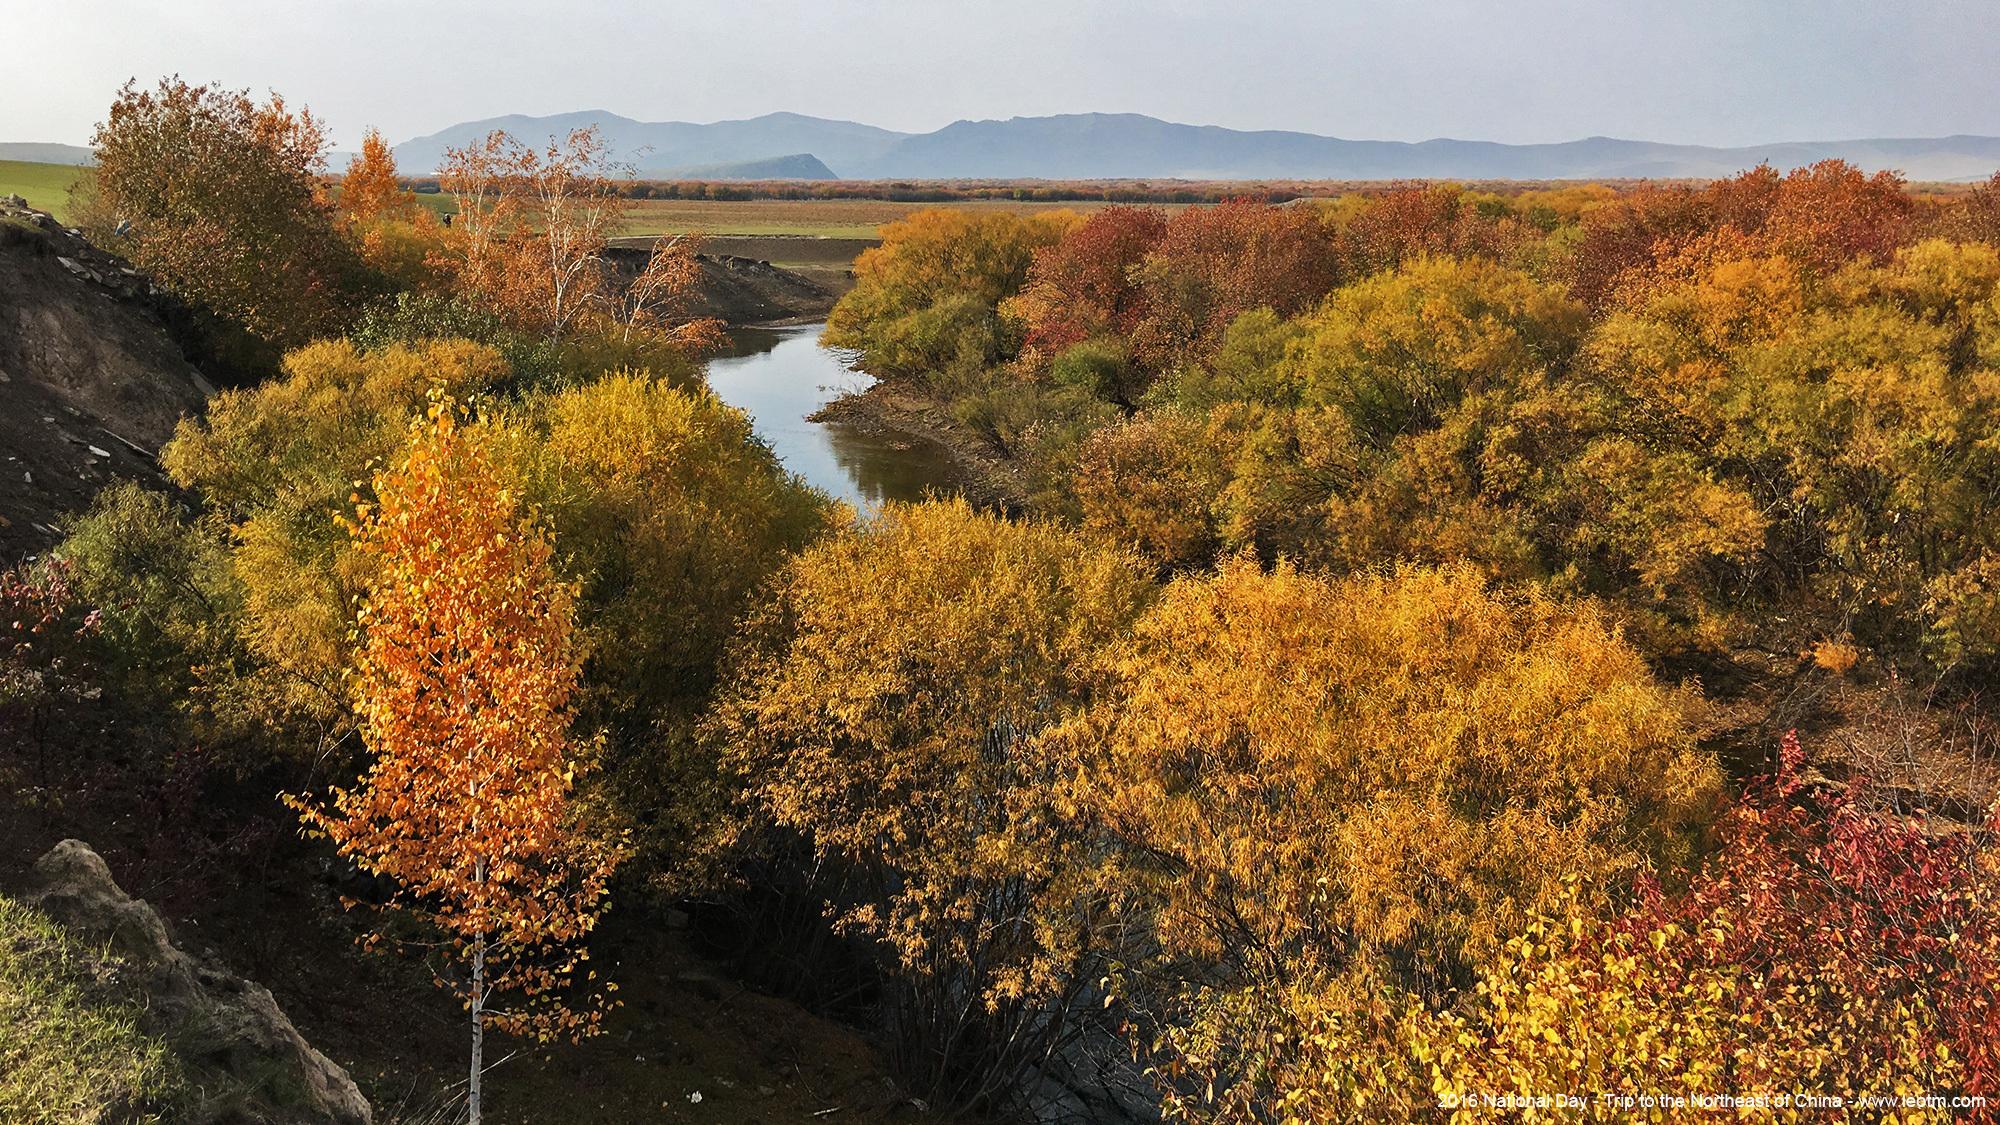 额尔古纳河湿地红叶林